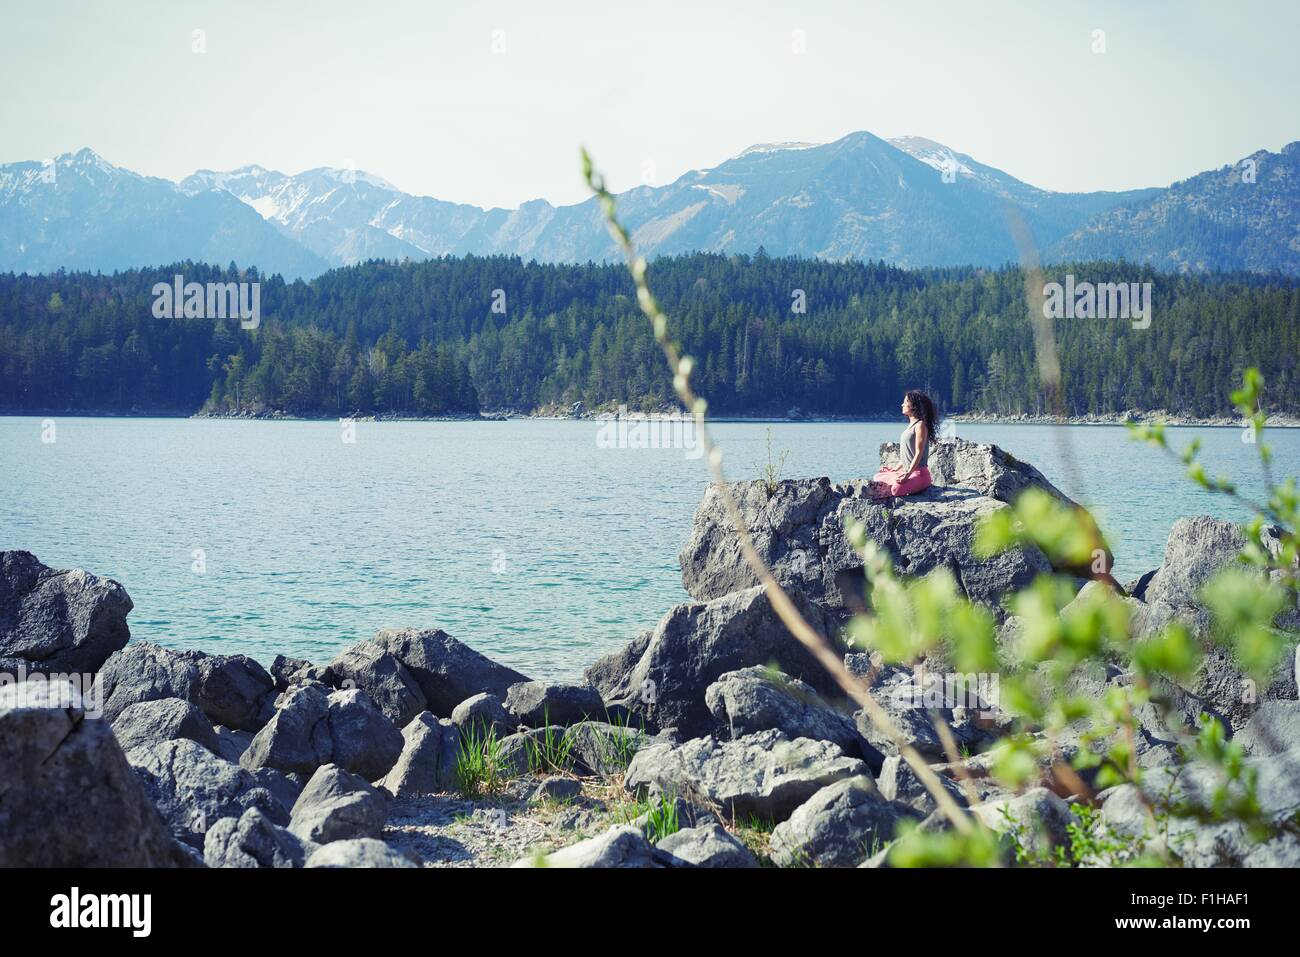 Metà donna adulta, seduti su una roccia in posizione di yoga Immagini Stock